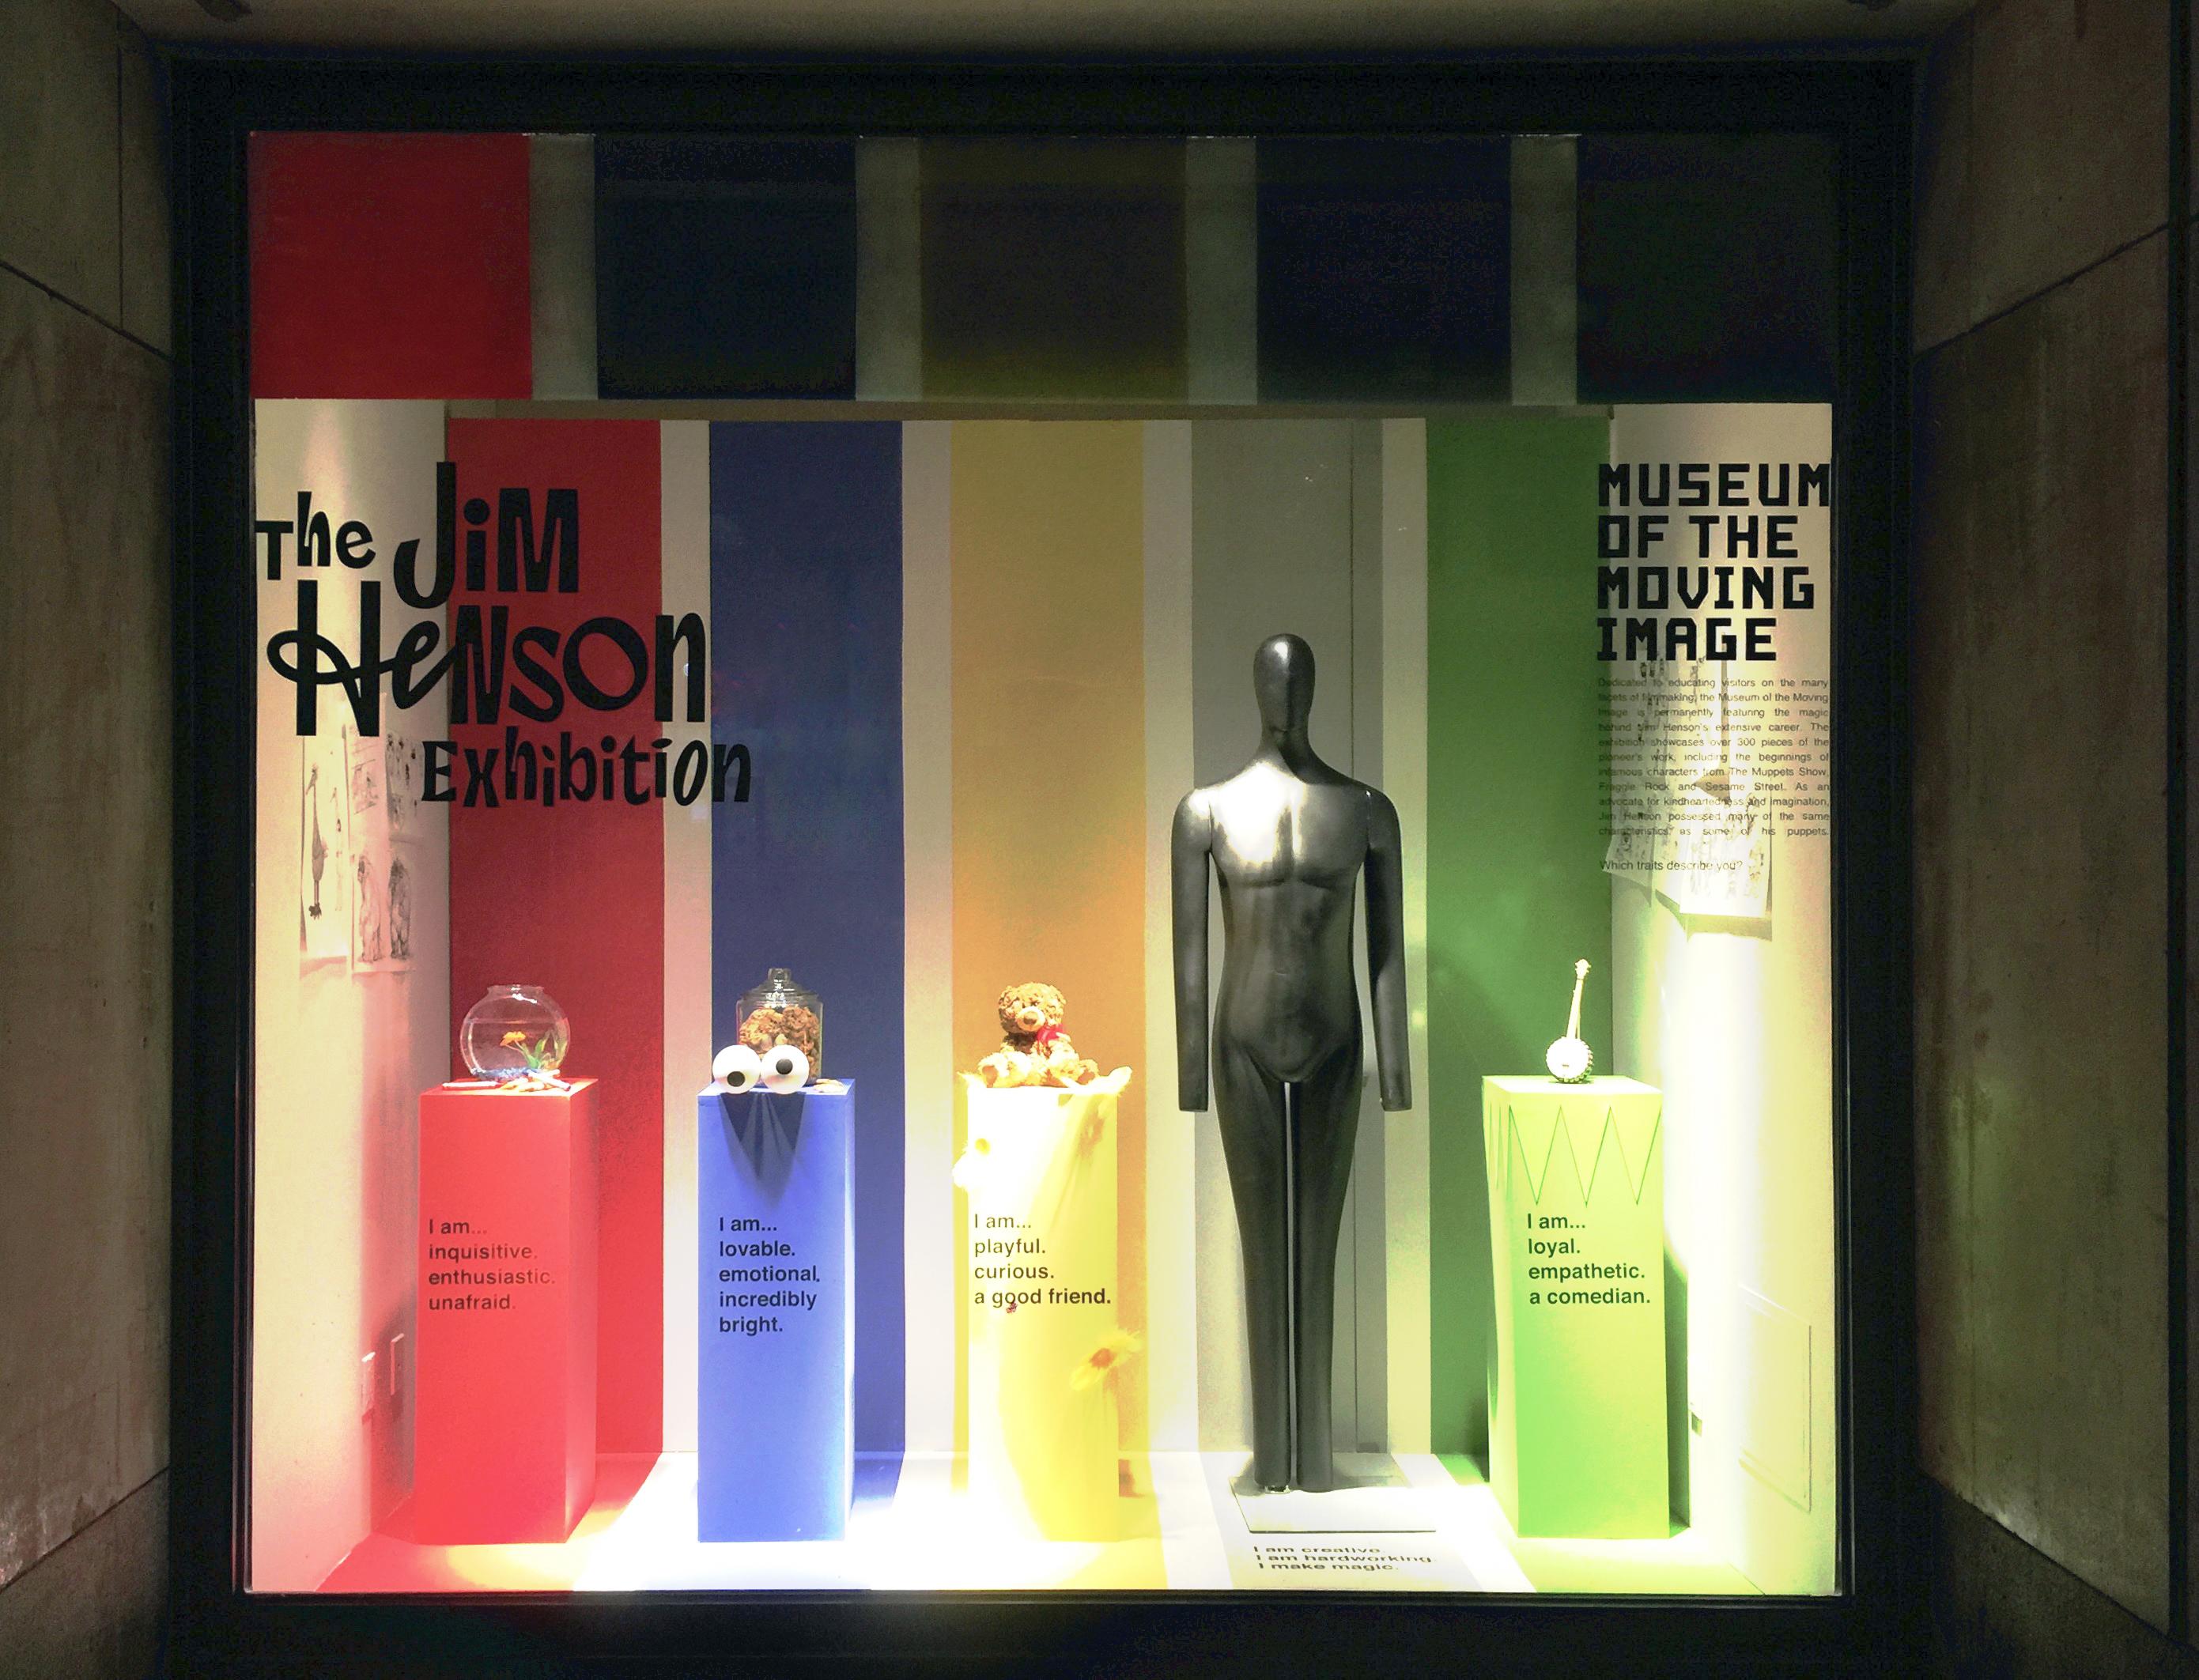 Jim Henson Exhibit | Fashion Institute of Technology<br/><i>Natha Tungwongsakul</i>